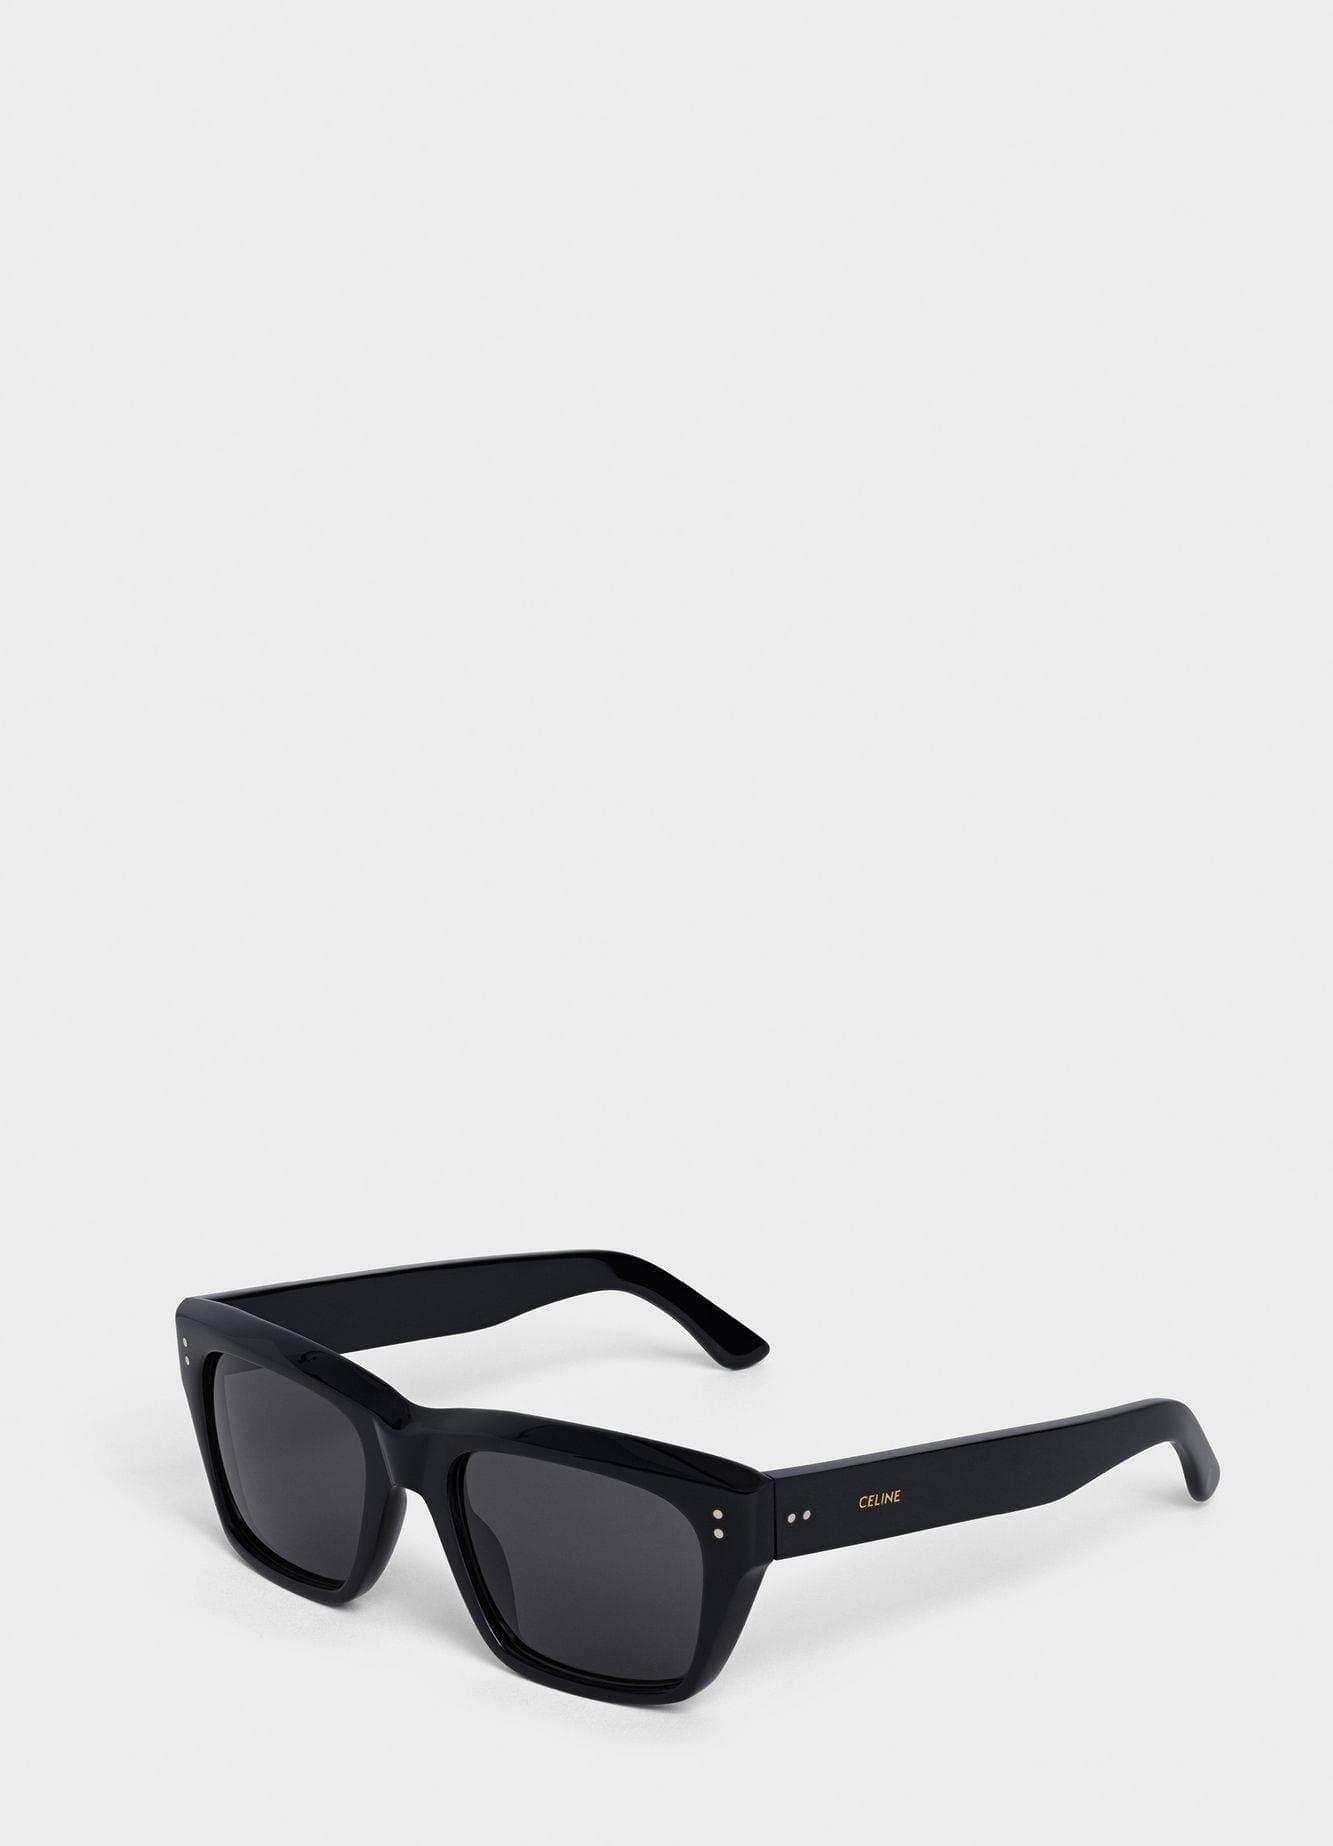 occhiali da sole estate 2019 celine